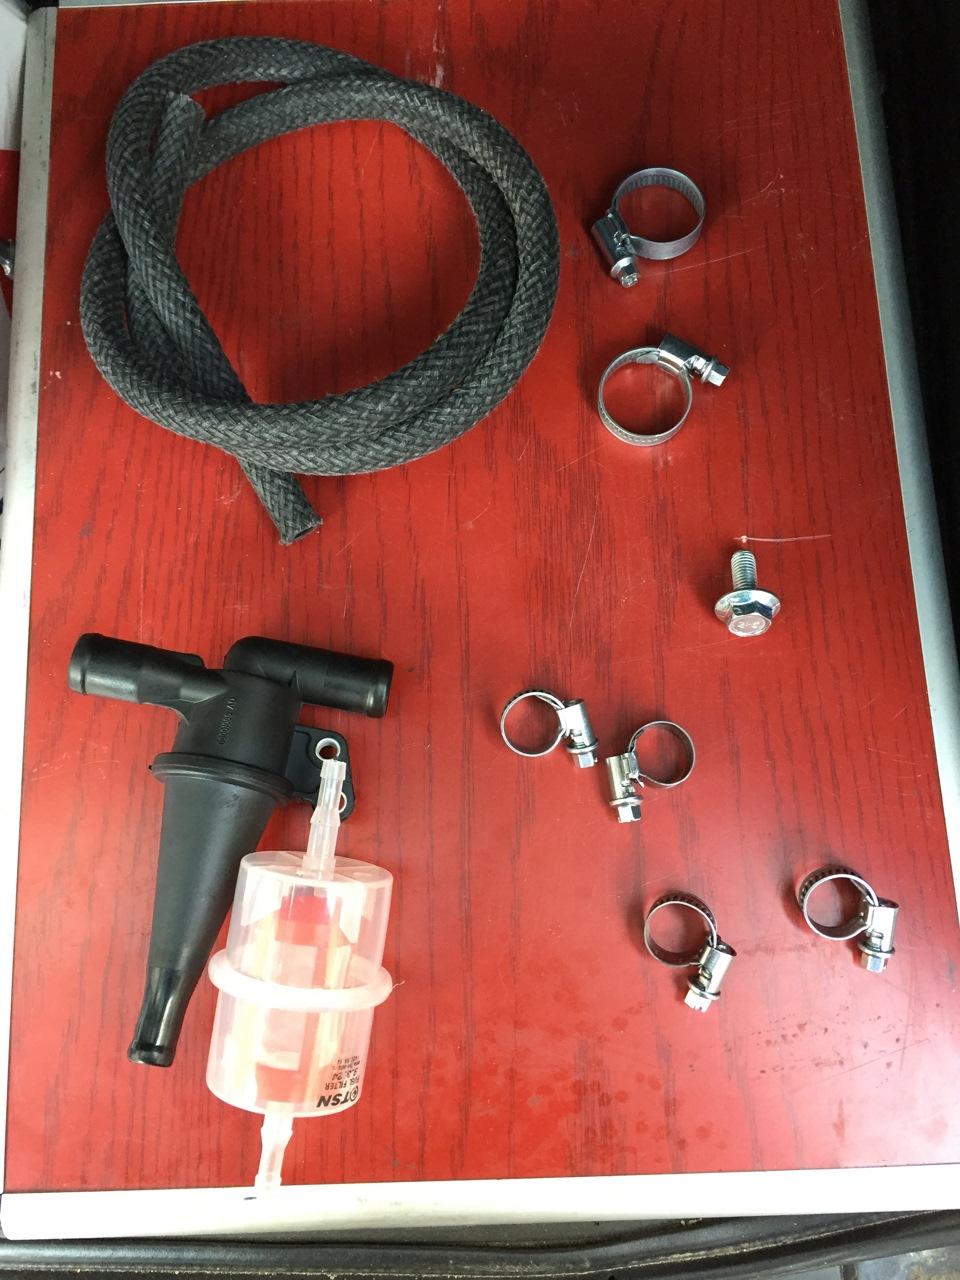 28c6becs 960 - Установка маслоотделителя картерных газов